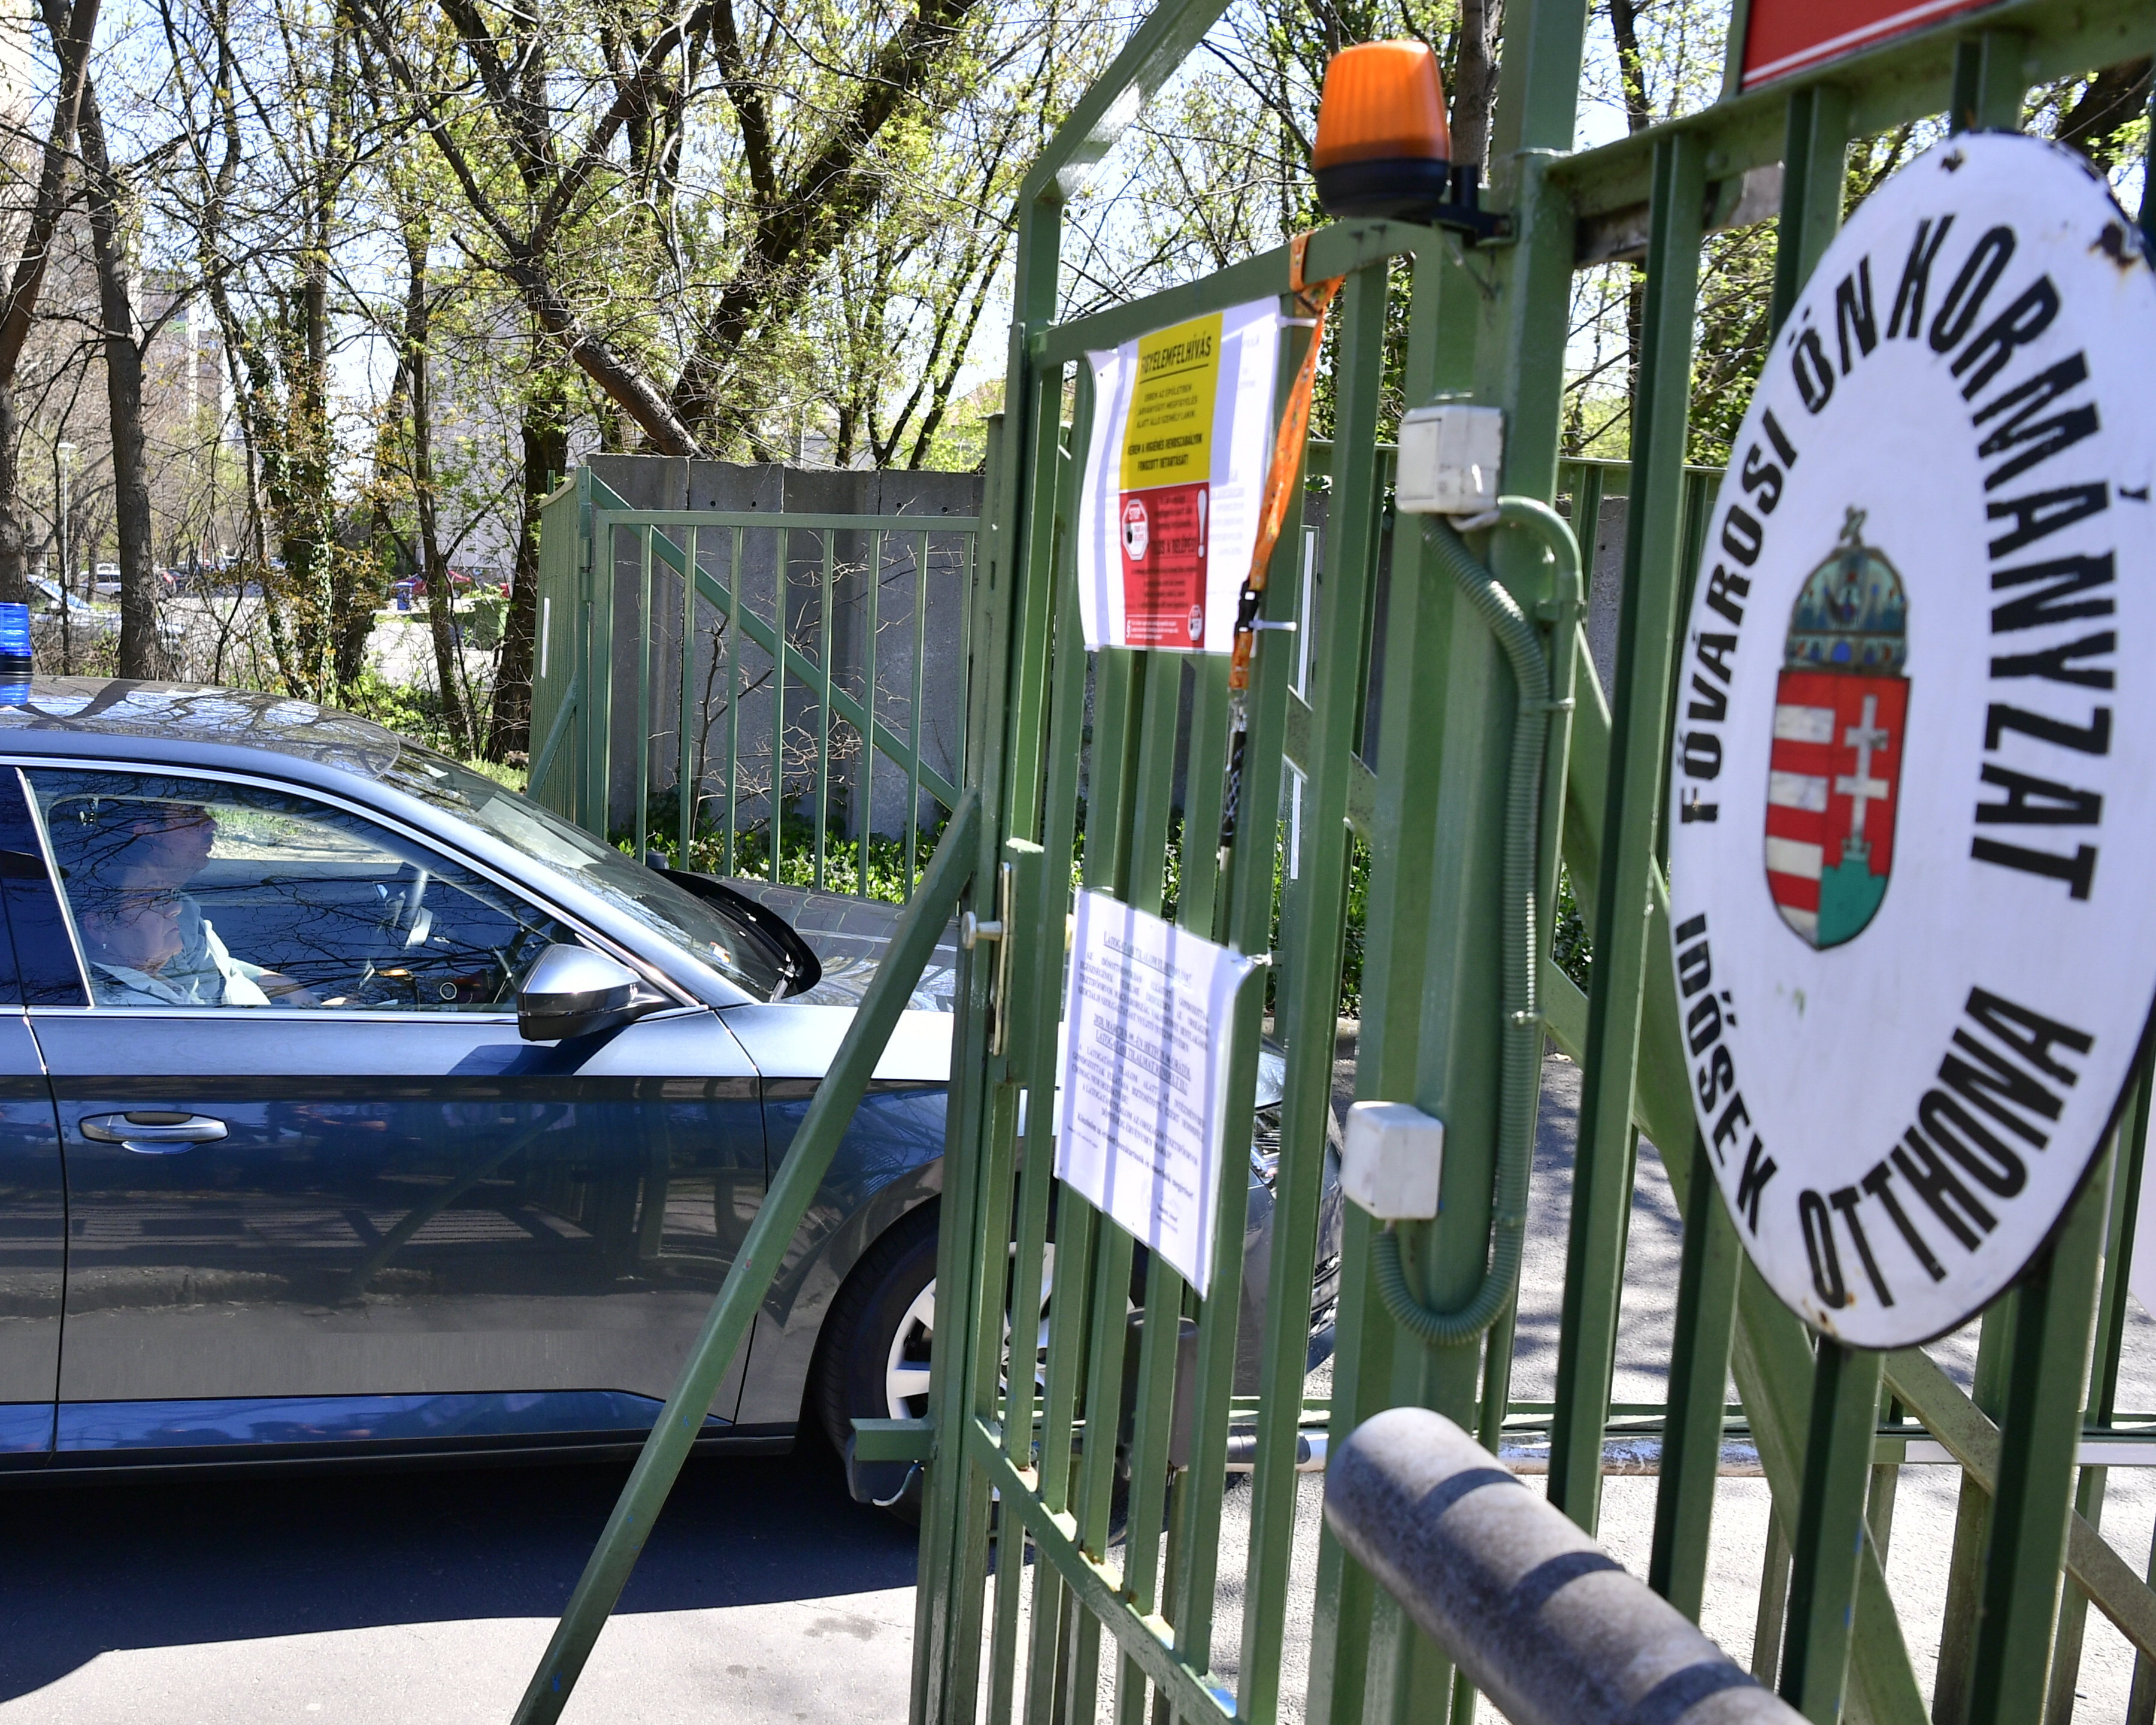 Látogatási és kijárási tilalmat rendelt el a főváros a Pesti úti idősotthonban